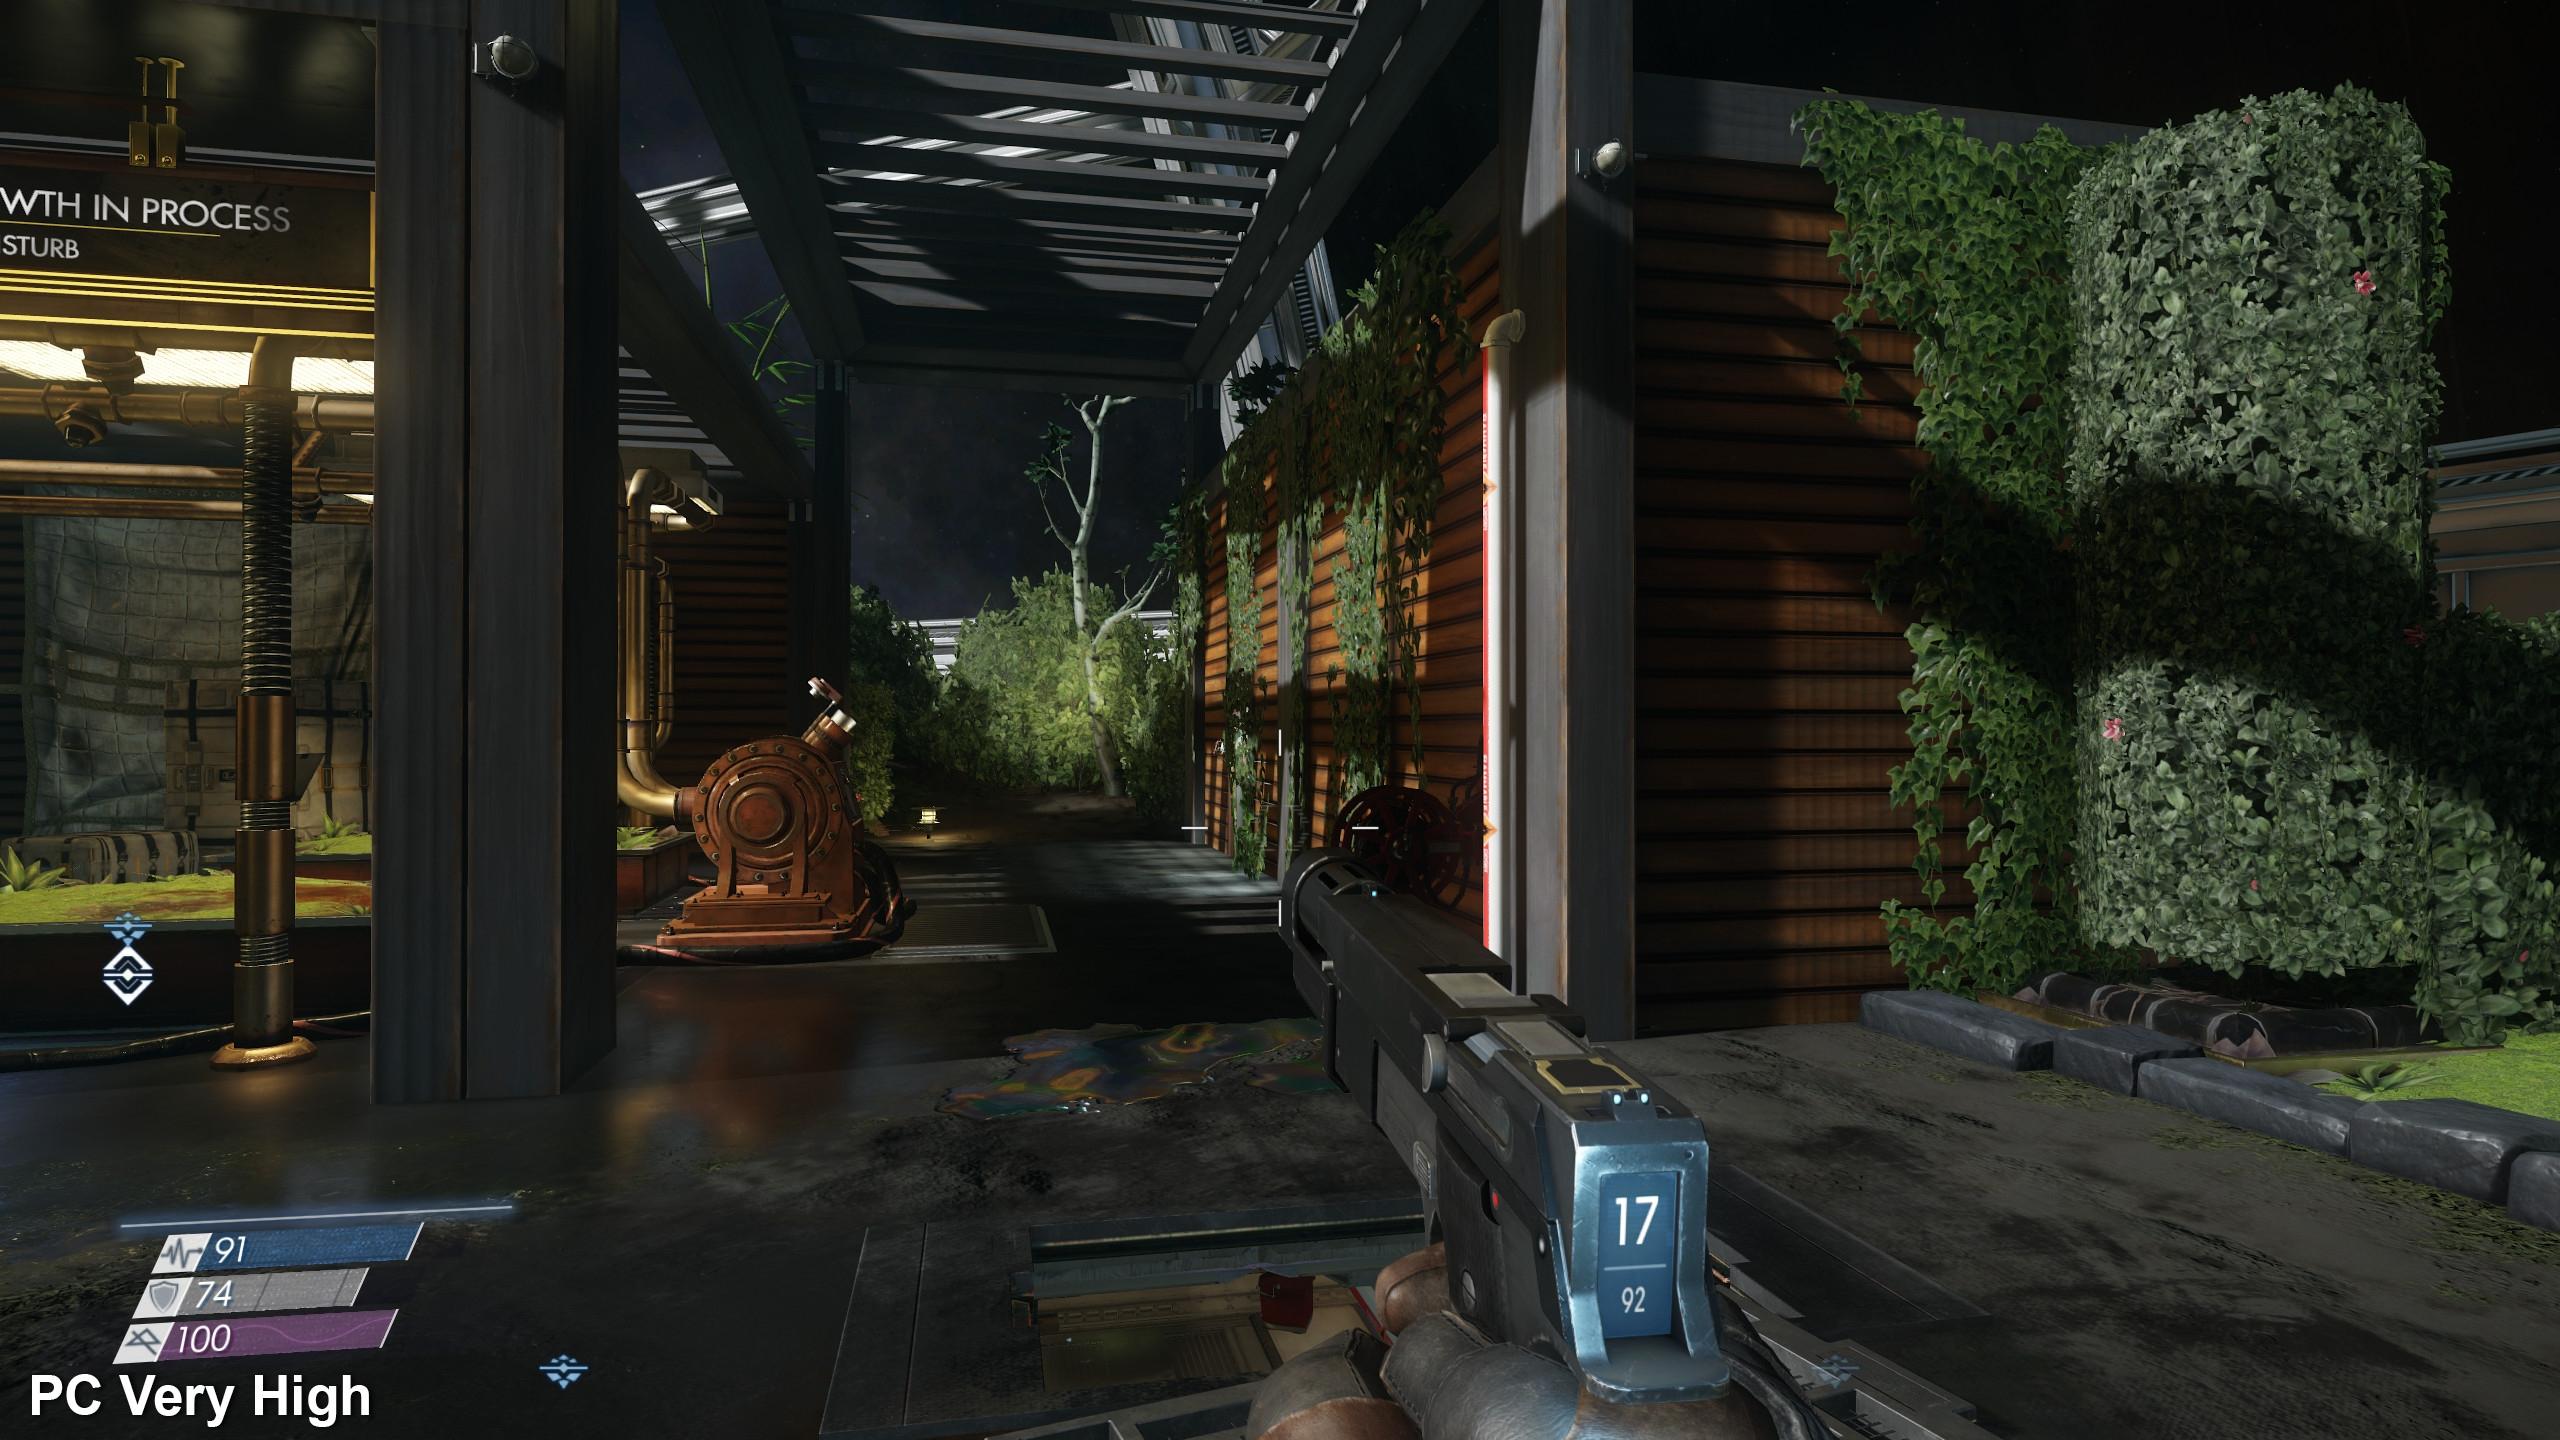 Crysis серия игр  Википедия